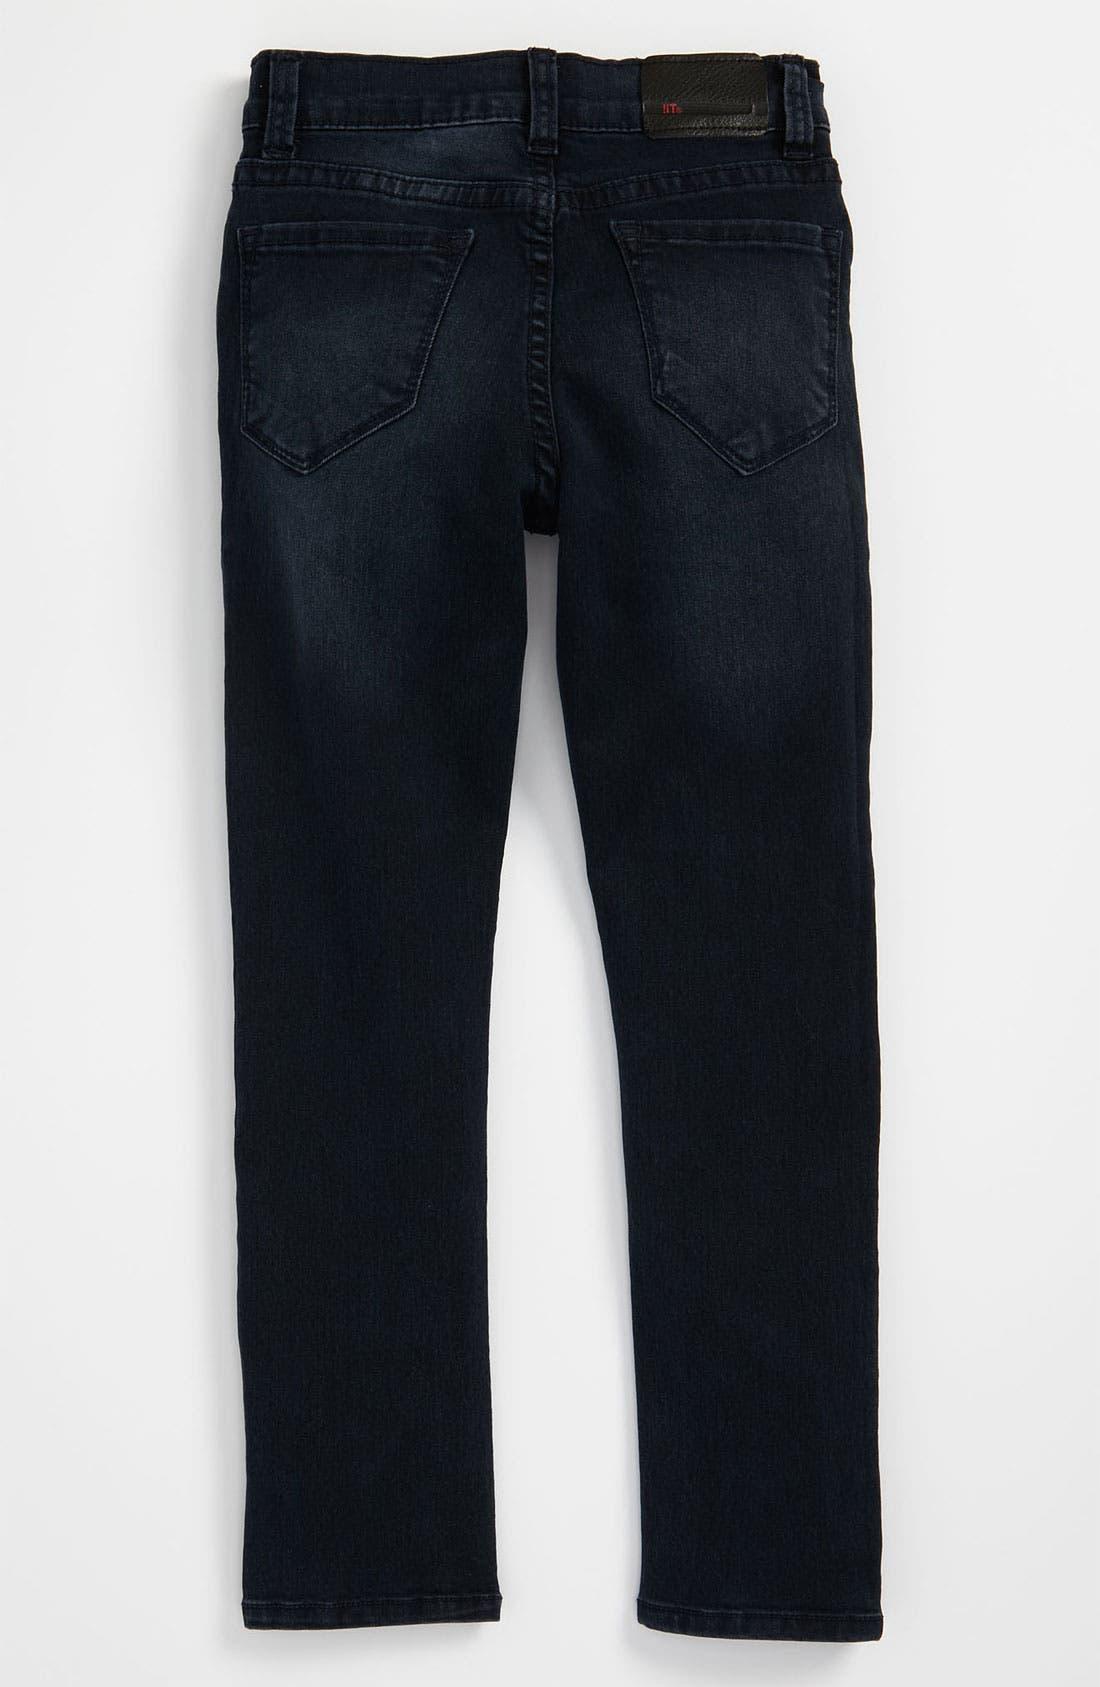 Main Image - !iT JEANS Skinny Jeans (Little Girls)